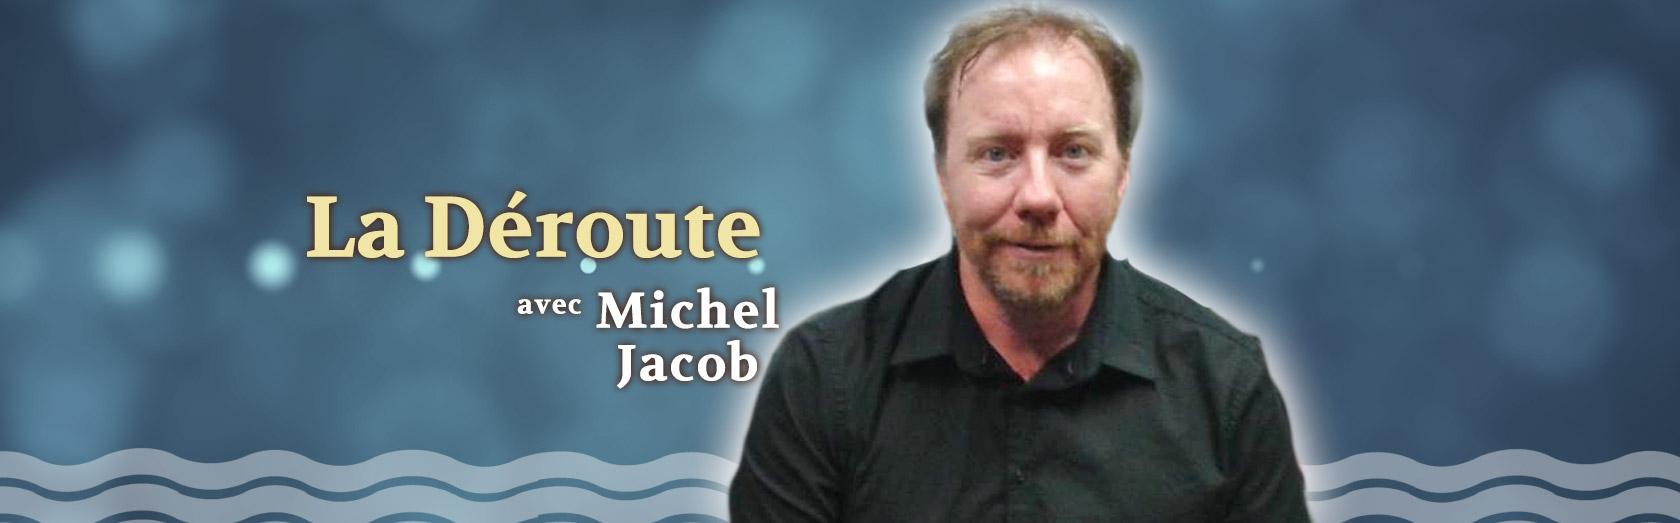 Michel Jaob anime La déroute